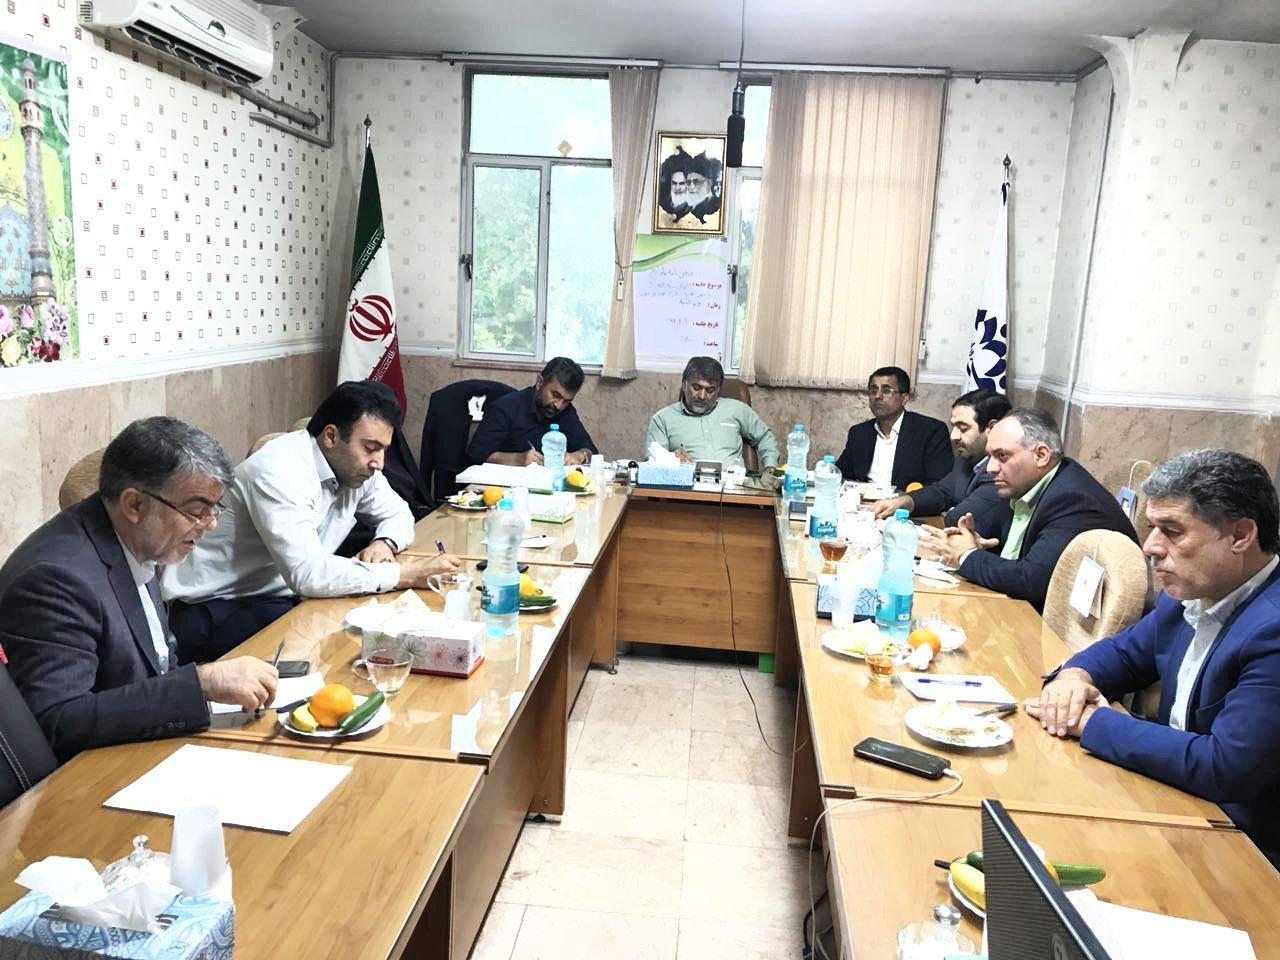 شصتمین جلسه رسمی شورای اسلامی شهر ورامین برگزار شد